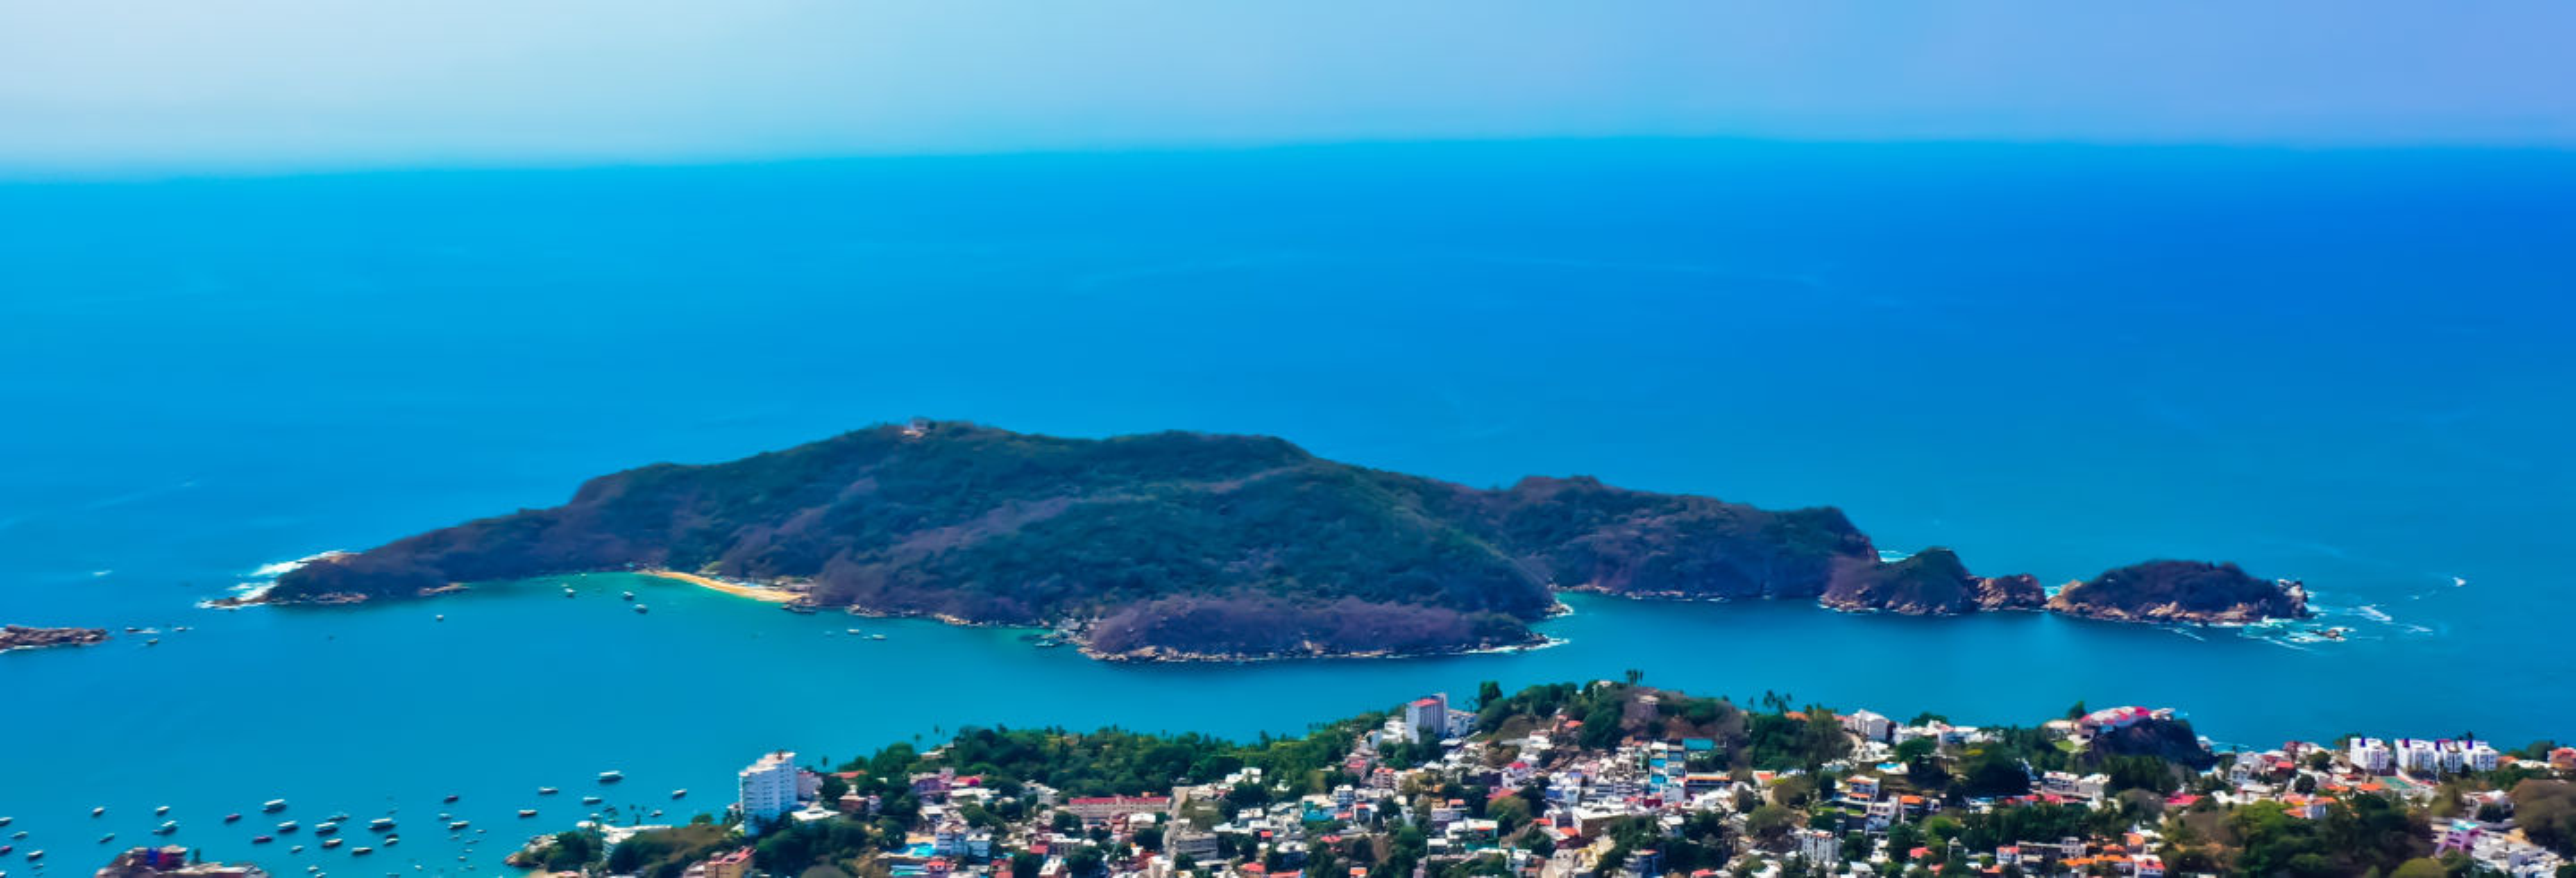 Excursión a la isla de La Roqueta